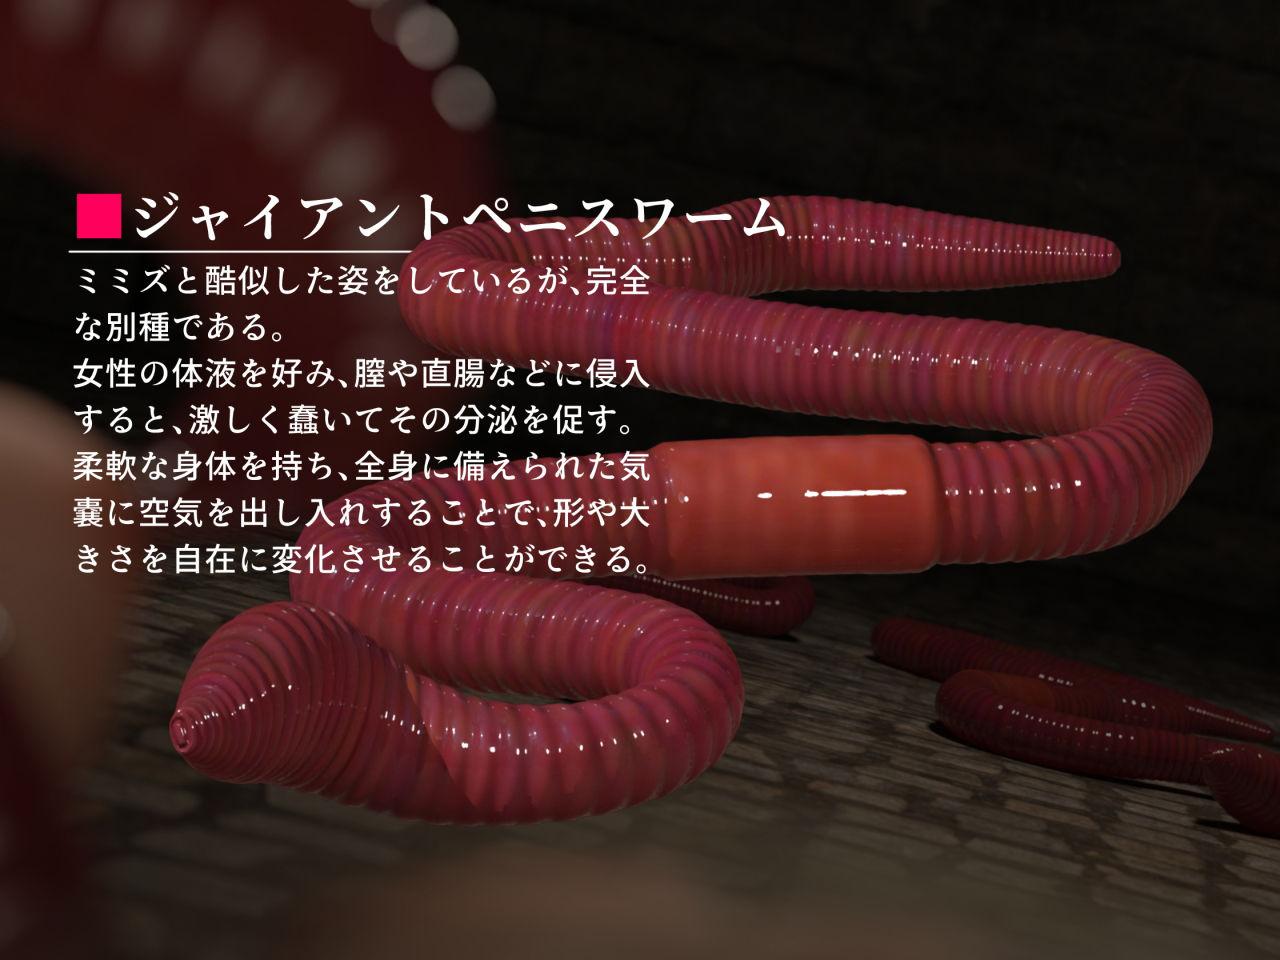 プリズンレコード —淫獄のプリンセスエルフ— STAGE.1